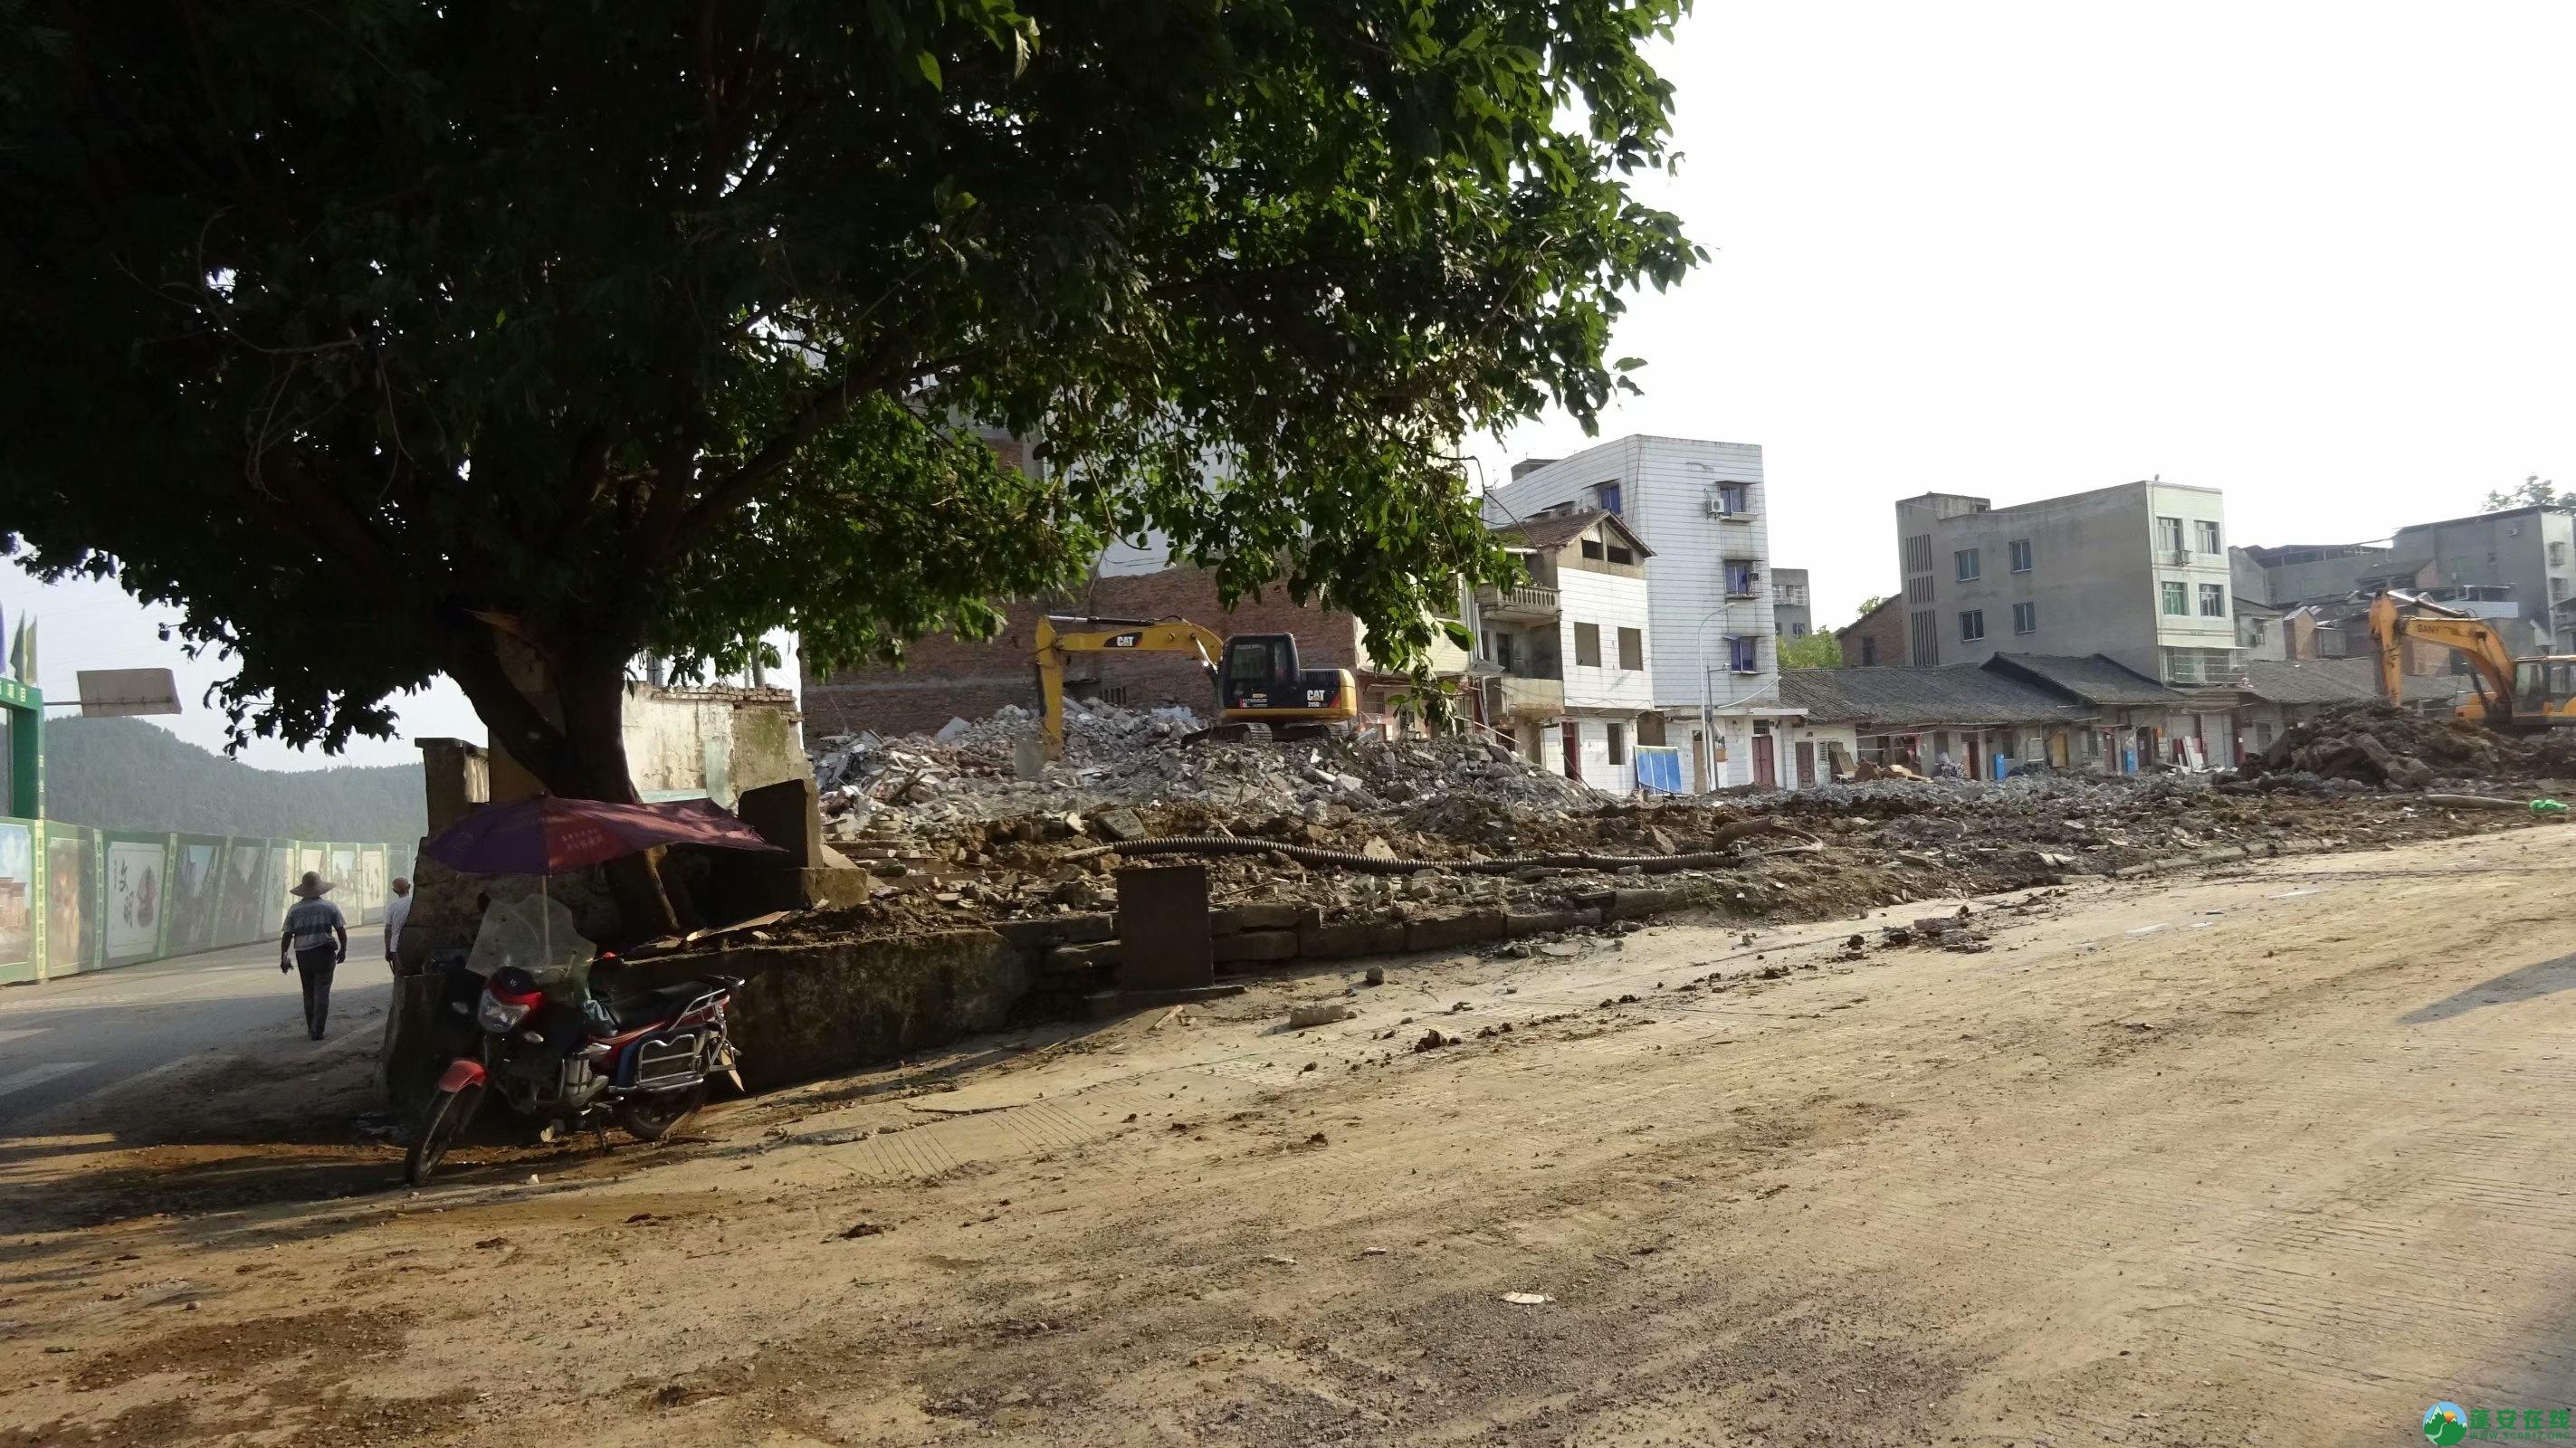 蓬安锦屏相如故城建设迅猛 - 第12张  | 蓬安在线